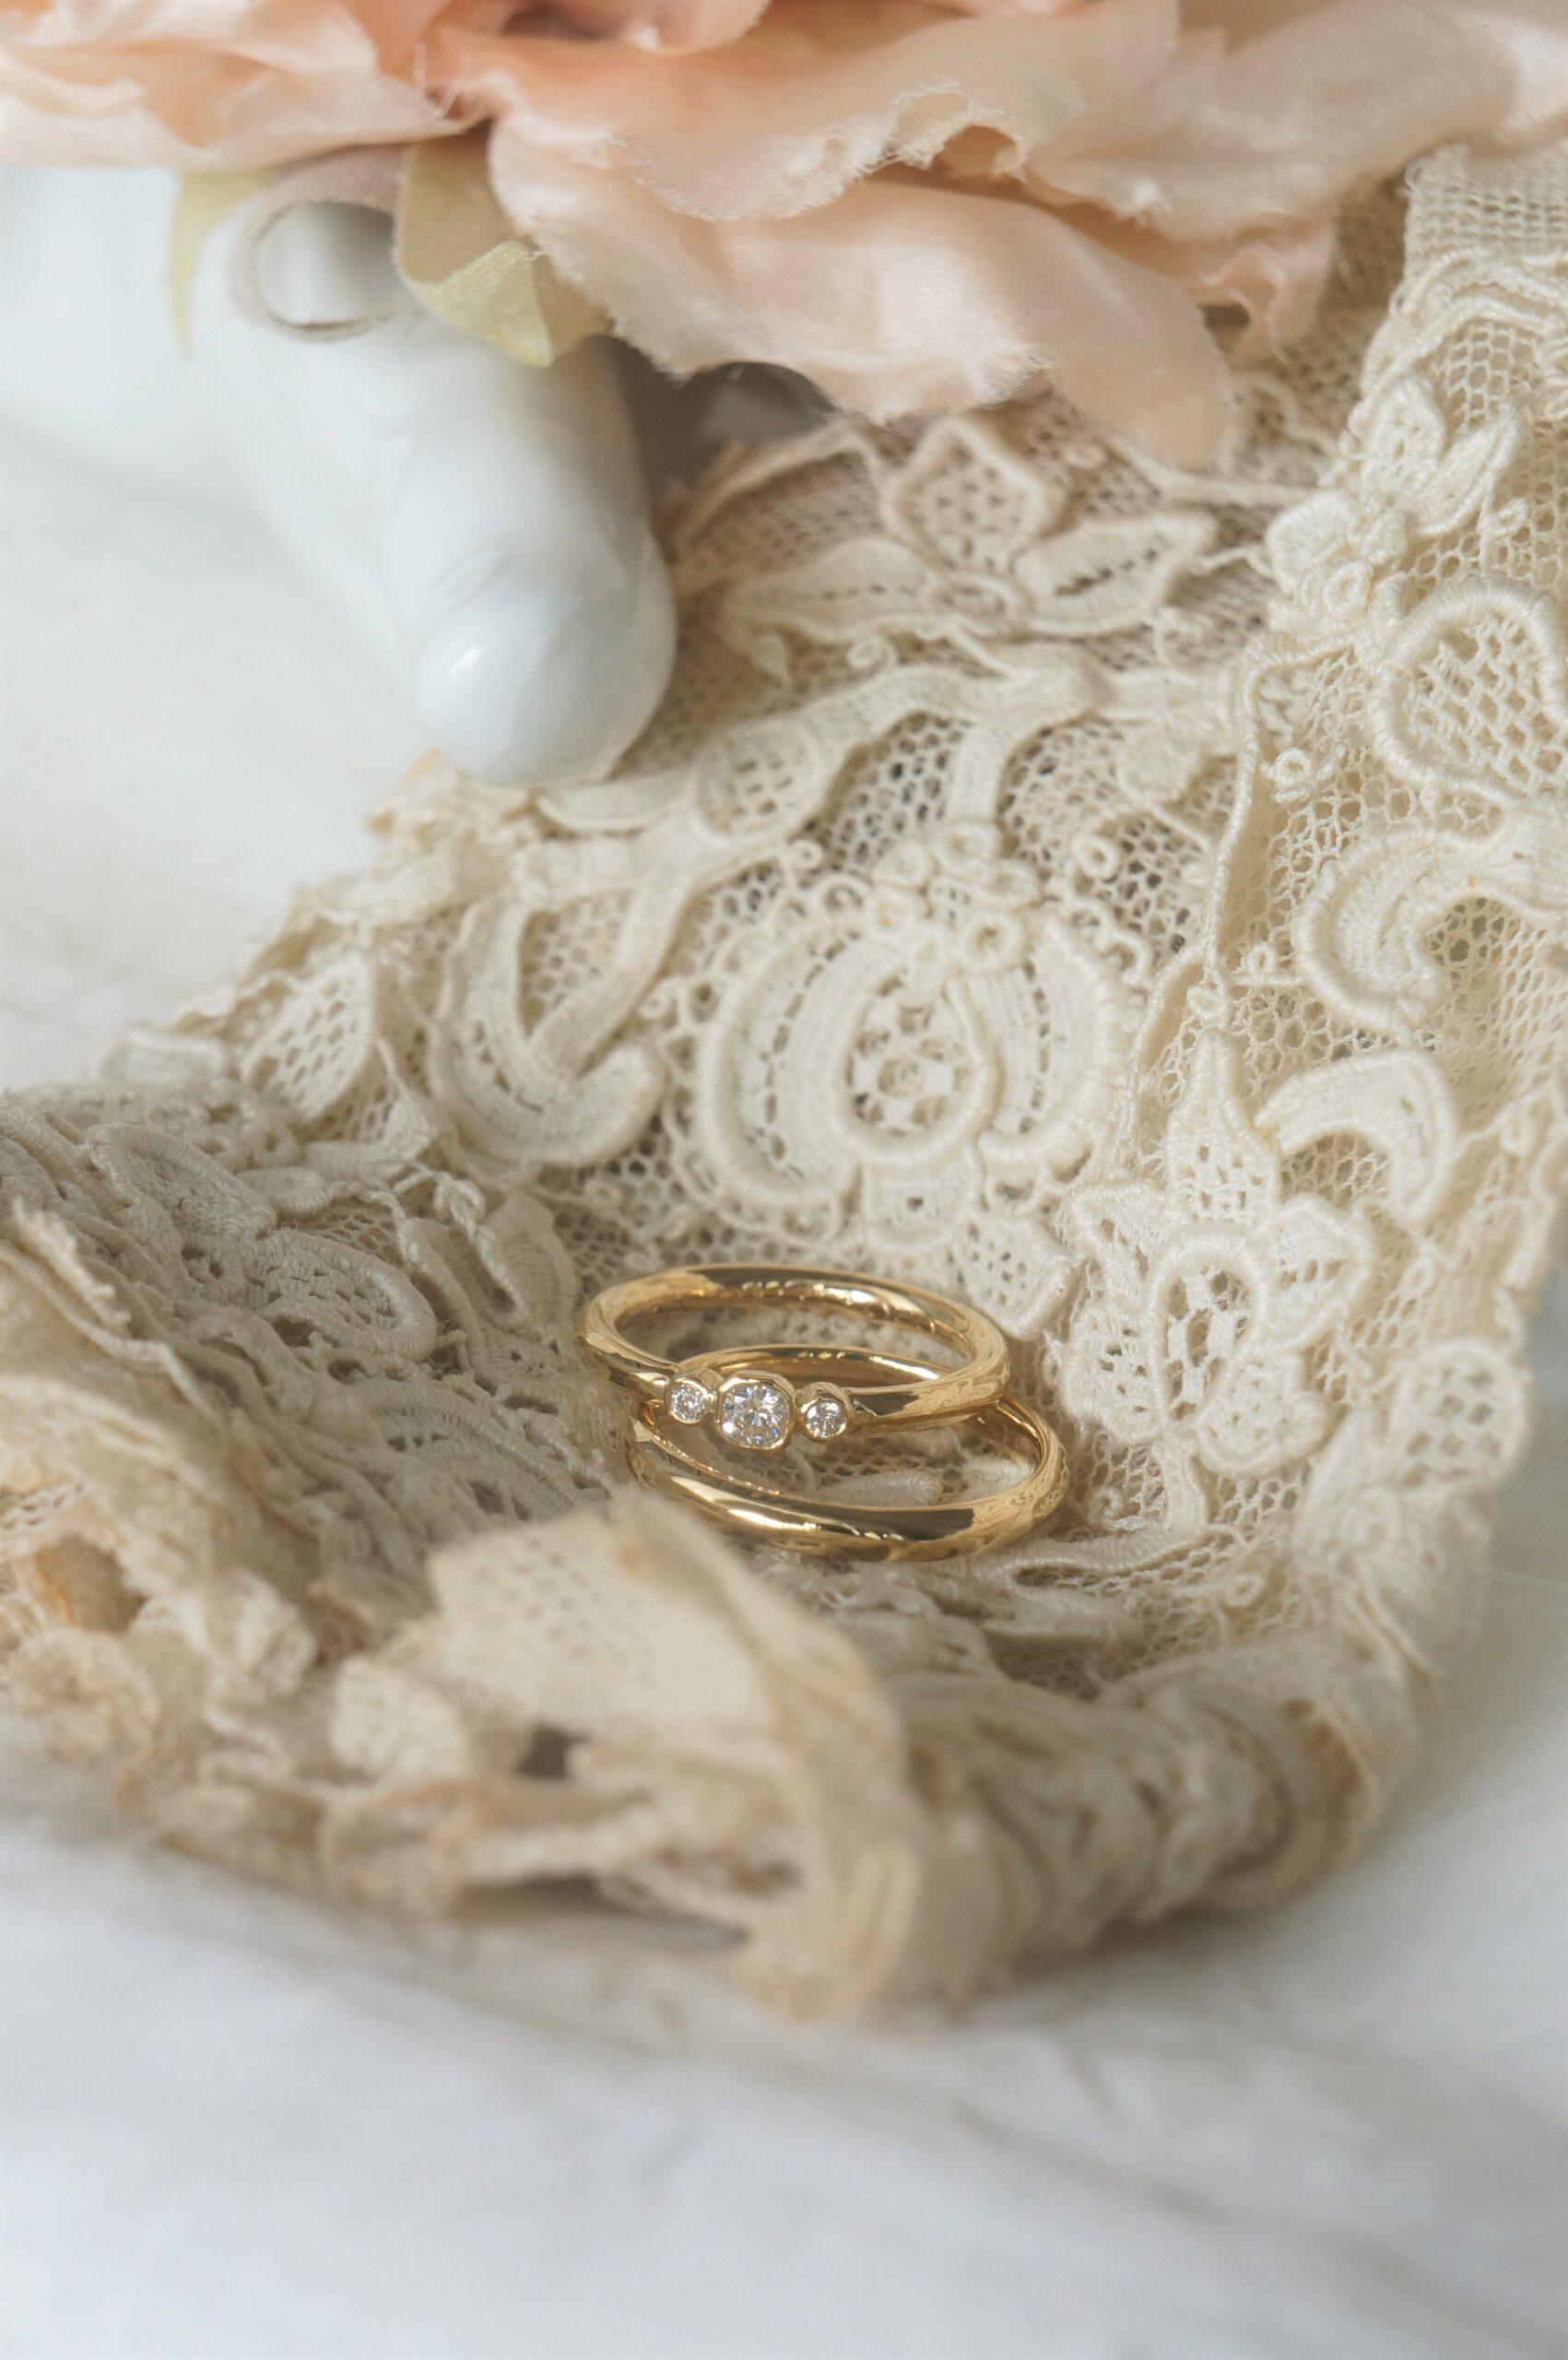 ときめきの煌めきをならべて 素敵なお二人の結婚指輪